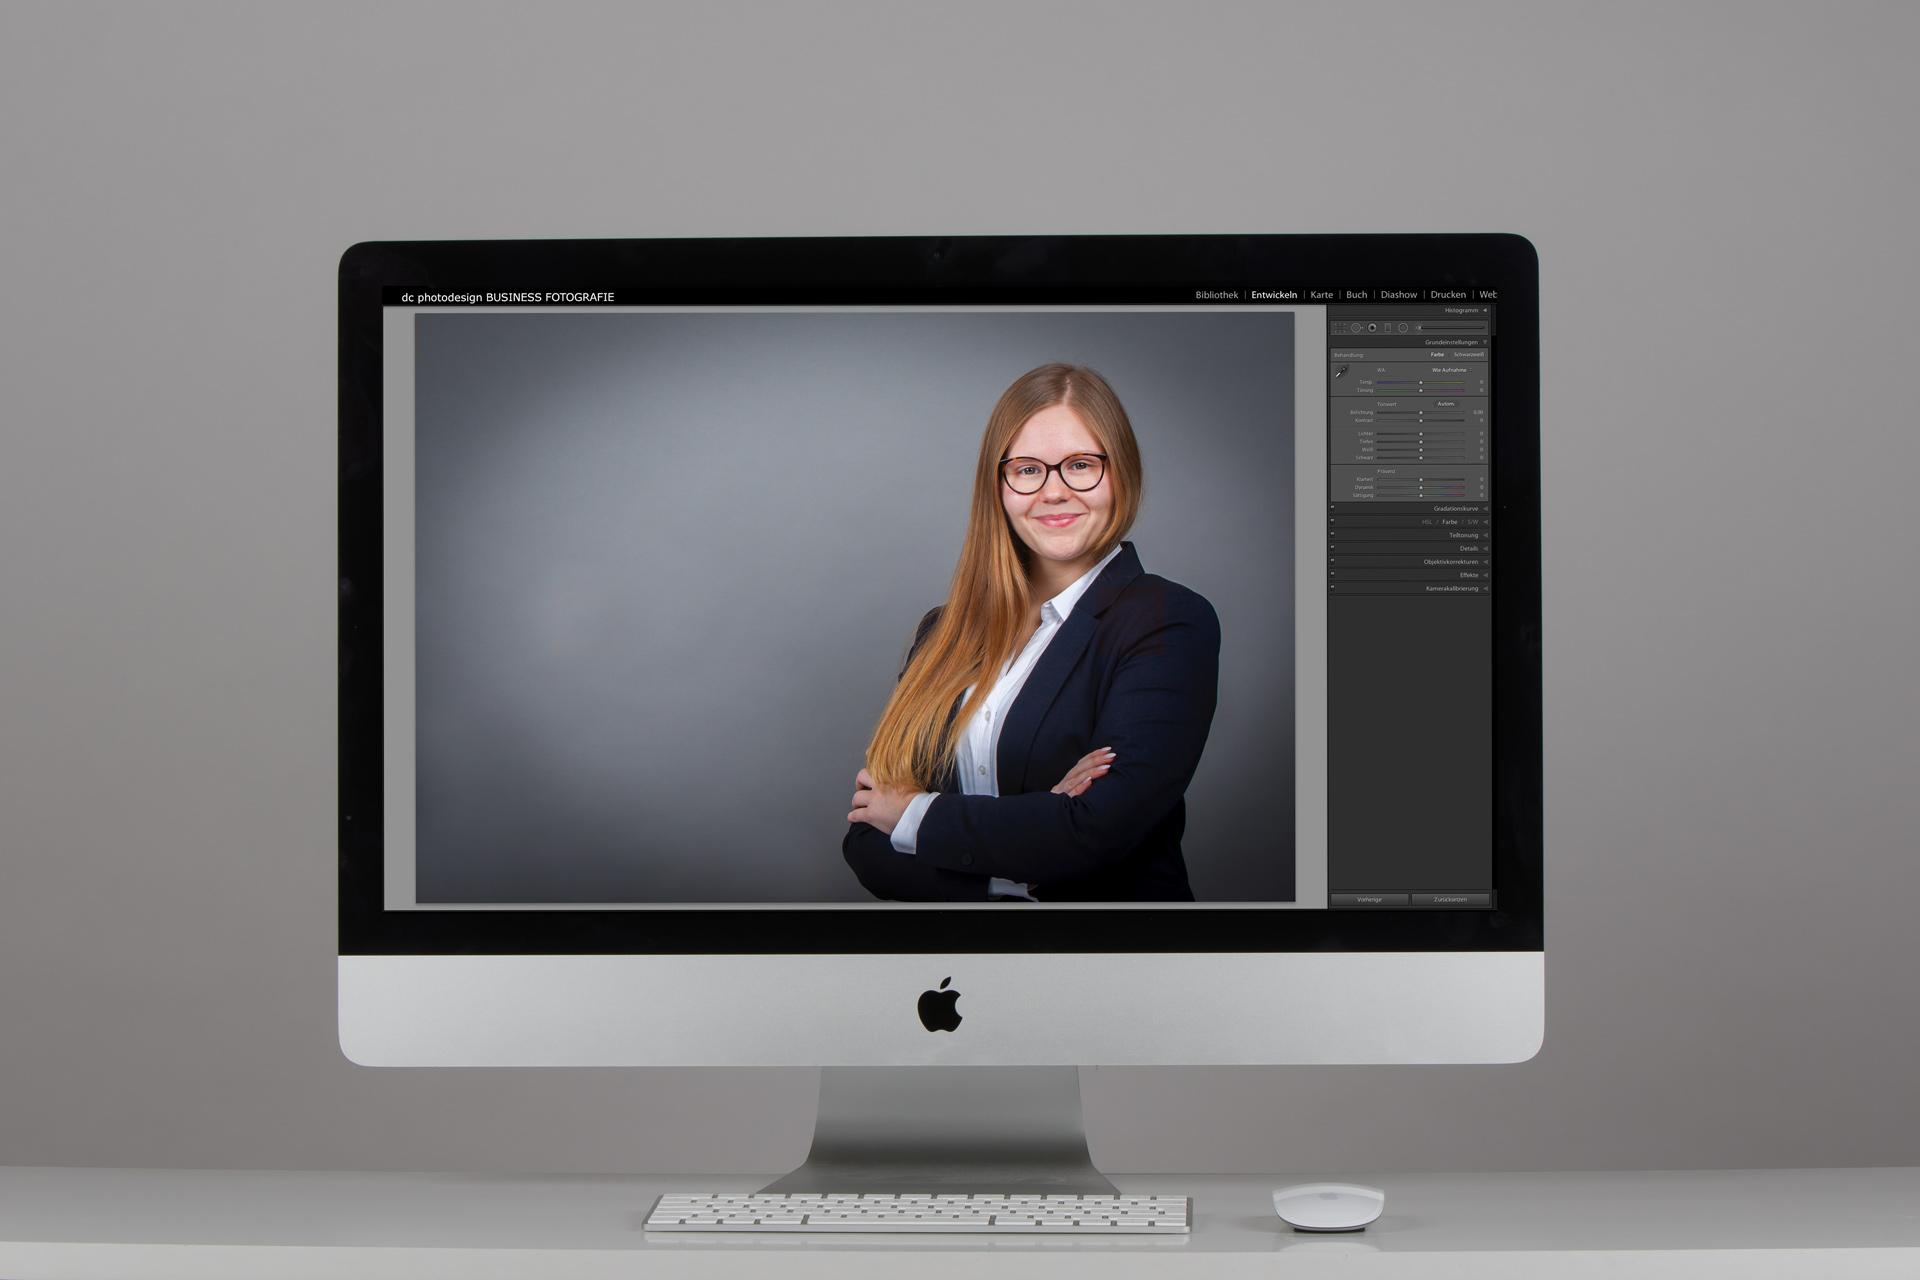 Unsere Bildbearbeitung verleihen wir Ihrem Bewerbungsfoto den letzten Schliff